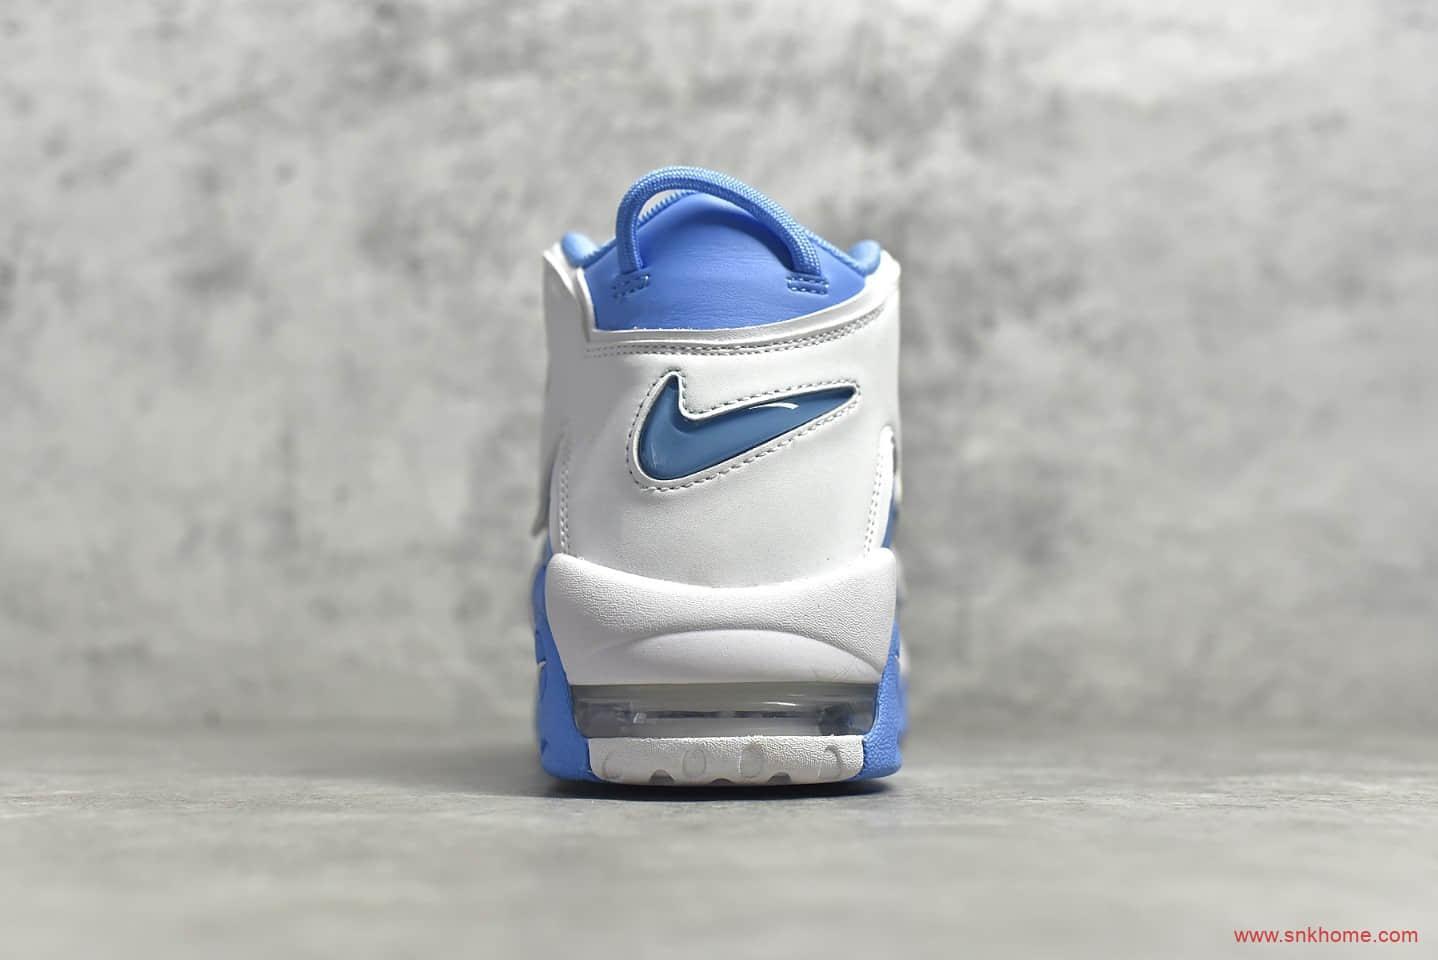 耐克皮蓬大AIR白蓝配色 NIKE Wmns Air More Uptempo University Blue S2纯原版本耐克皮蓬球鞋 货号:921948-401-潮流者之家